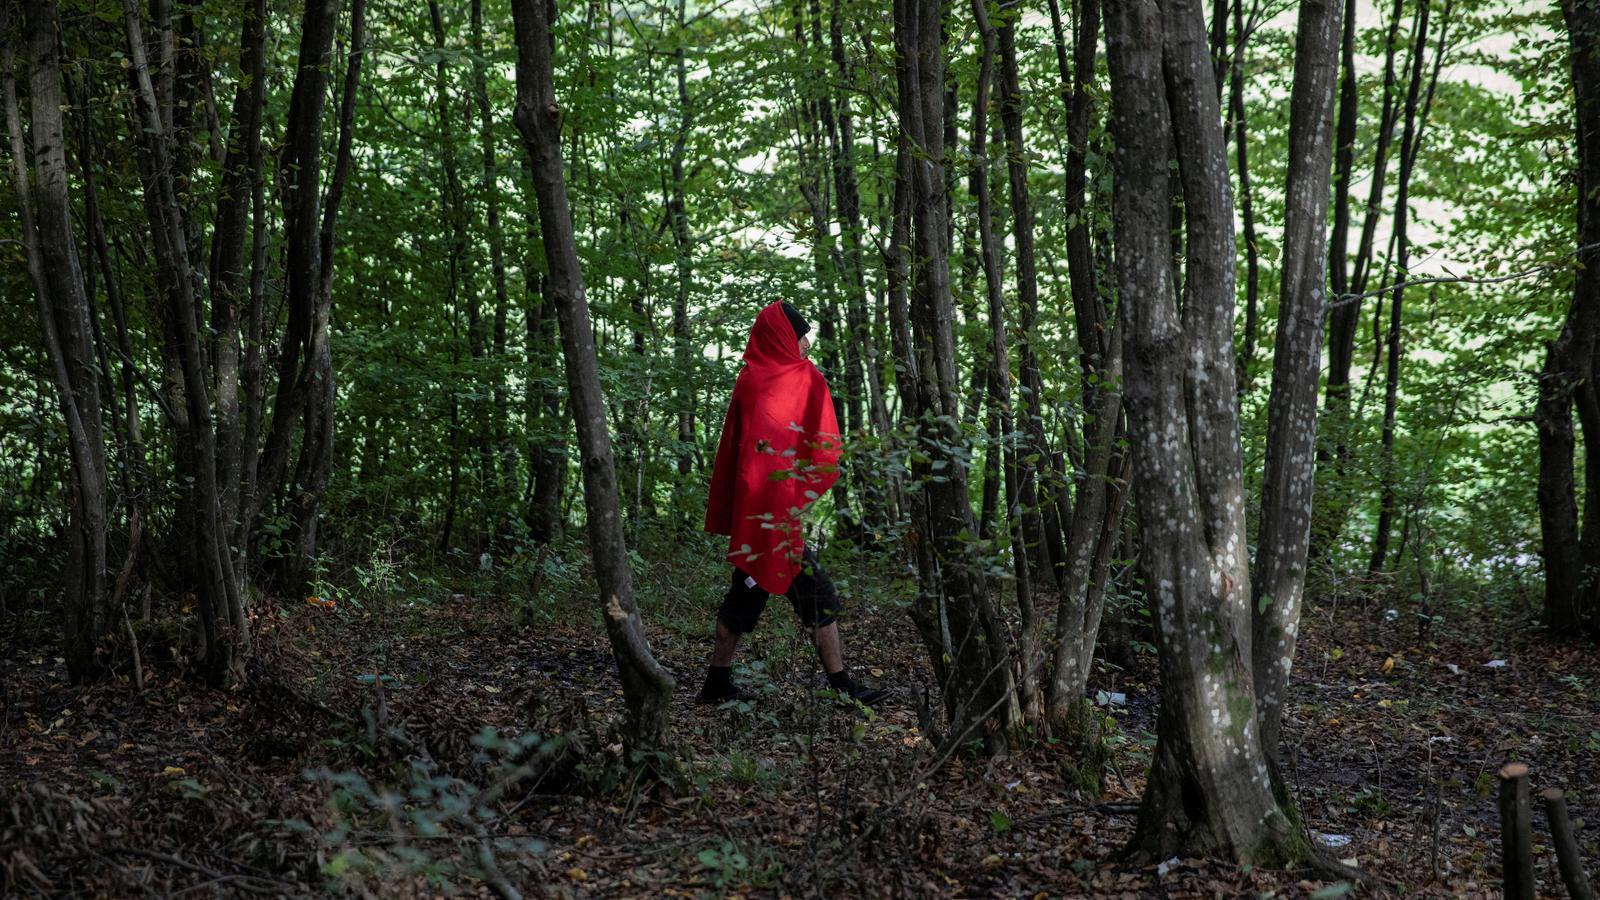 Un migrant de Bangla Desh camina pels boscos prop de Velika Kladusa, Bòsnia i Hercegovina, on s0han establert centenar  de campaments improvisats